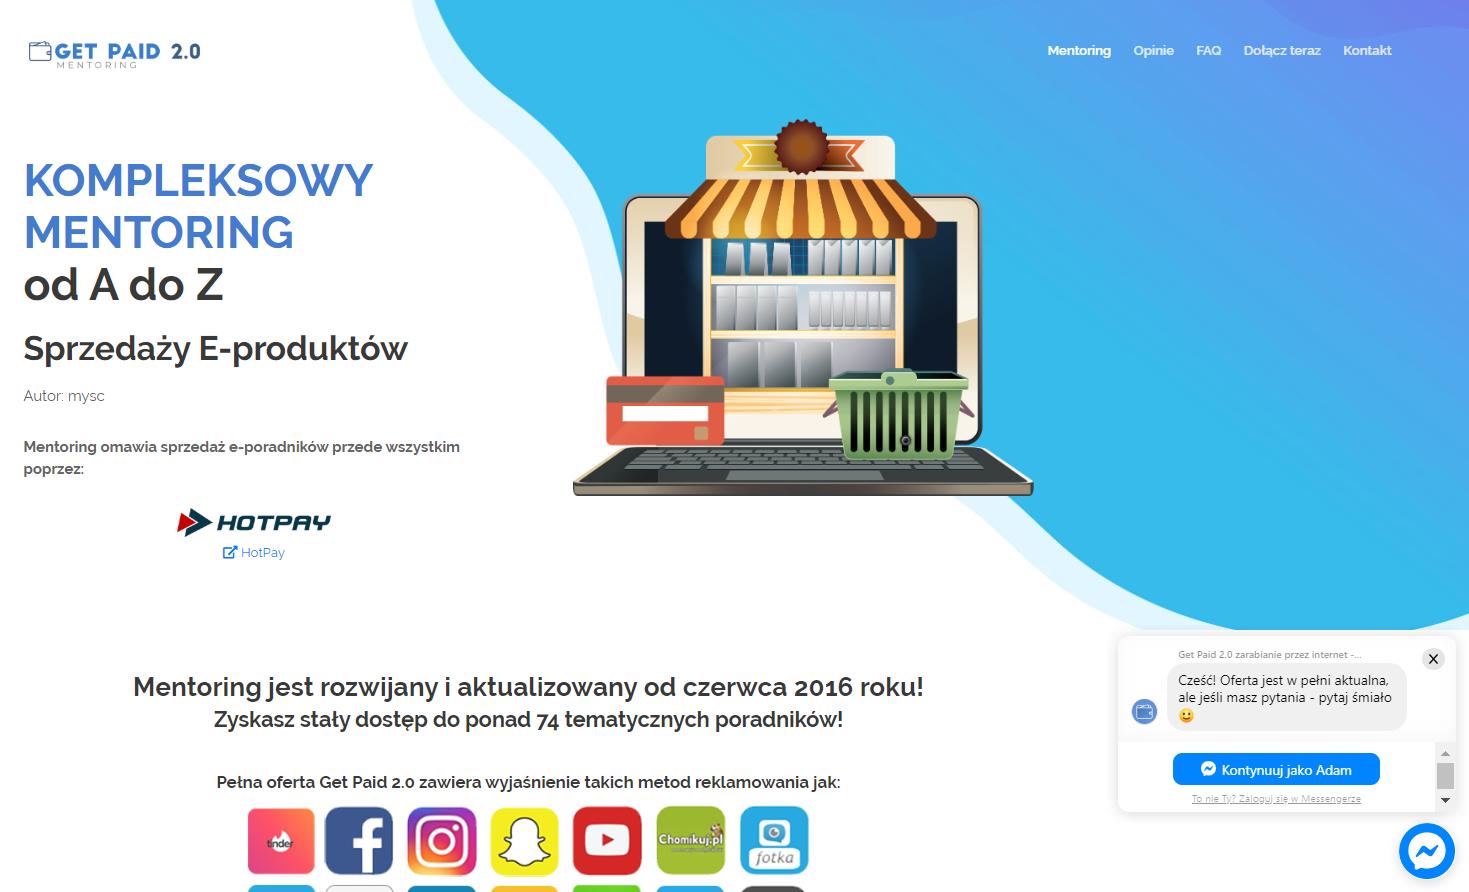 Obrazek - Landing Page przykład 3 - getpaid20.pl